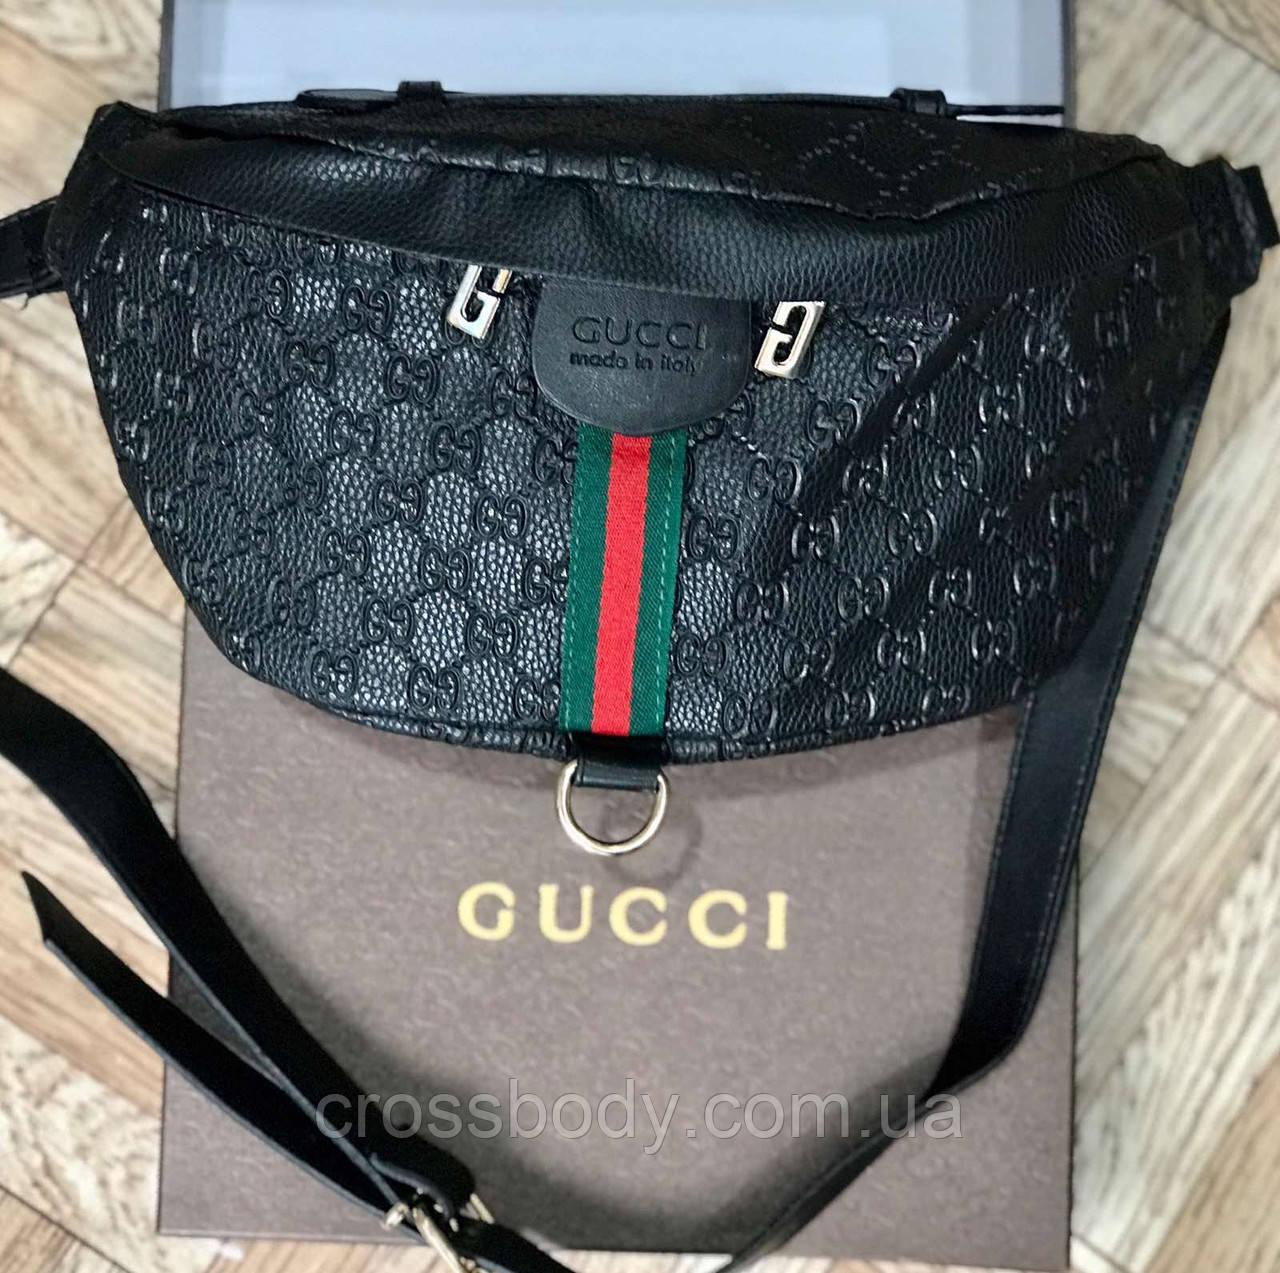 Поясная сумка бананка в стиле Gucci в стиле Турция